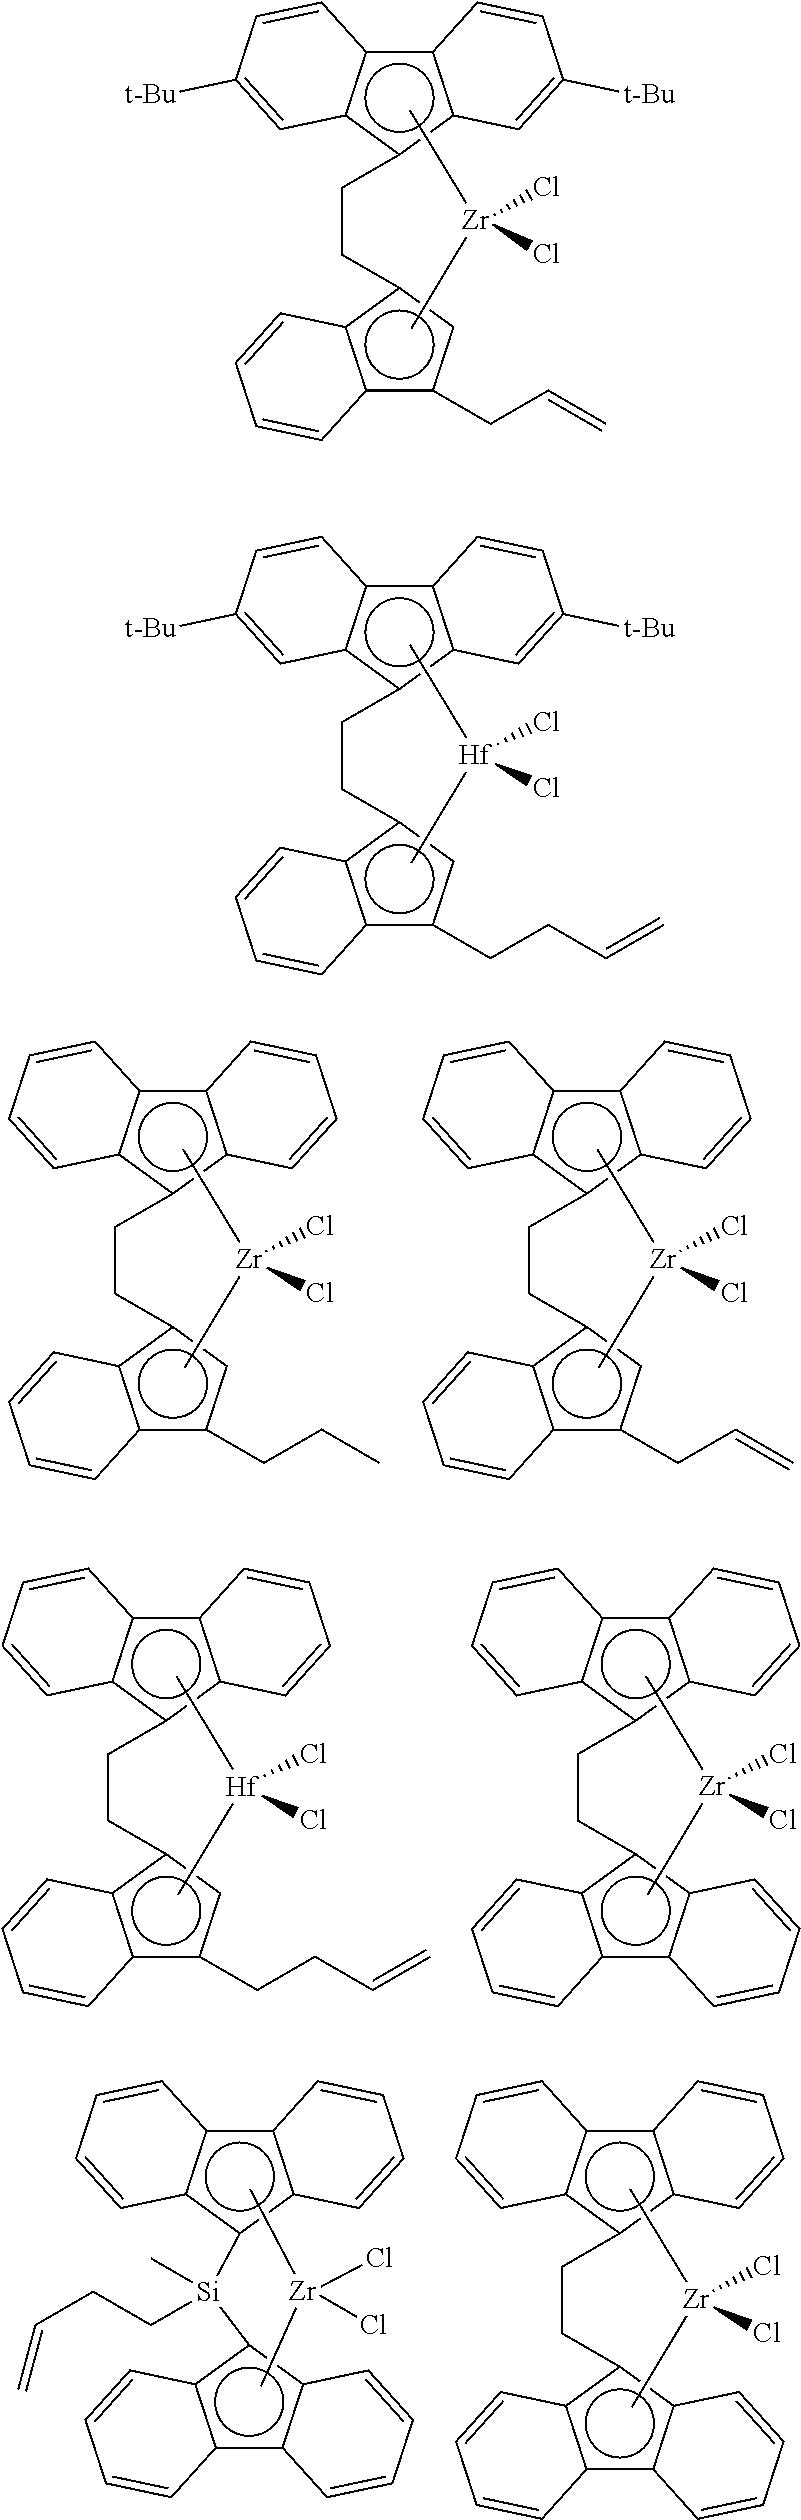 Figure US08940842-20150127-C00009